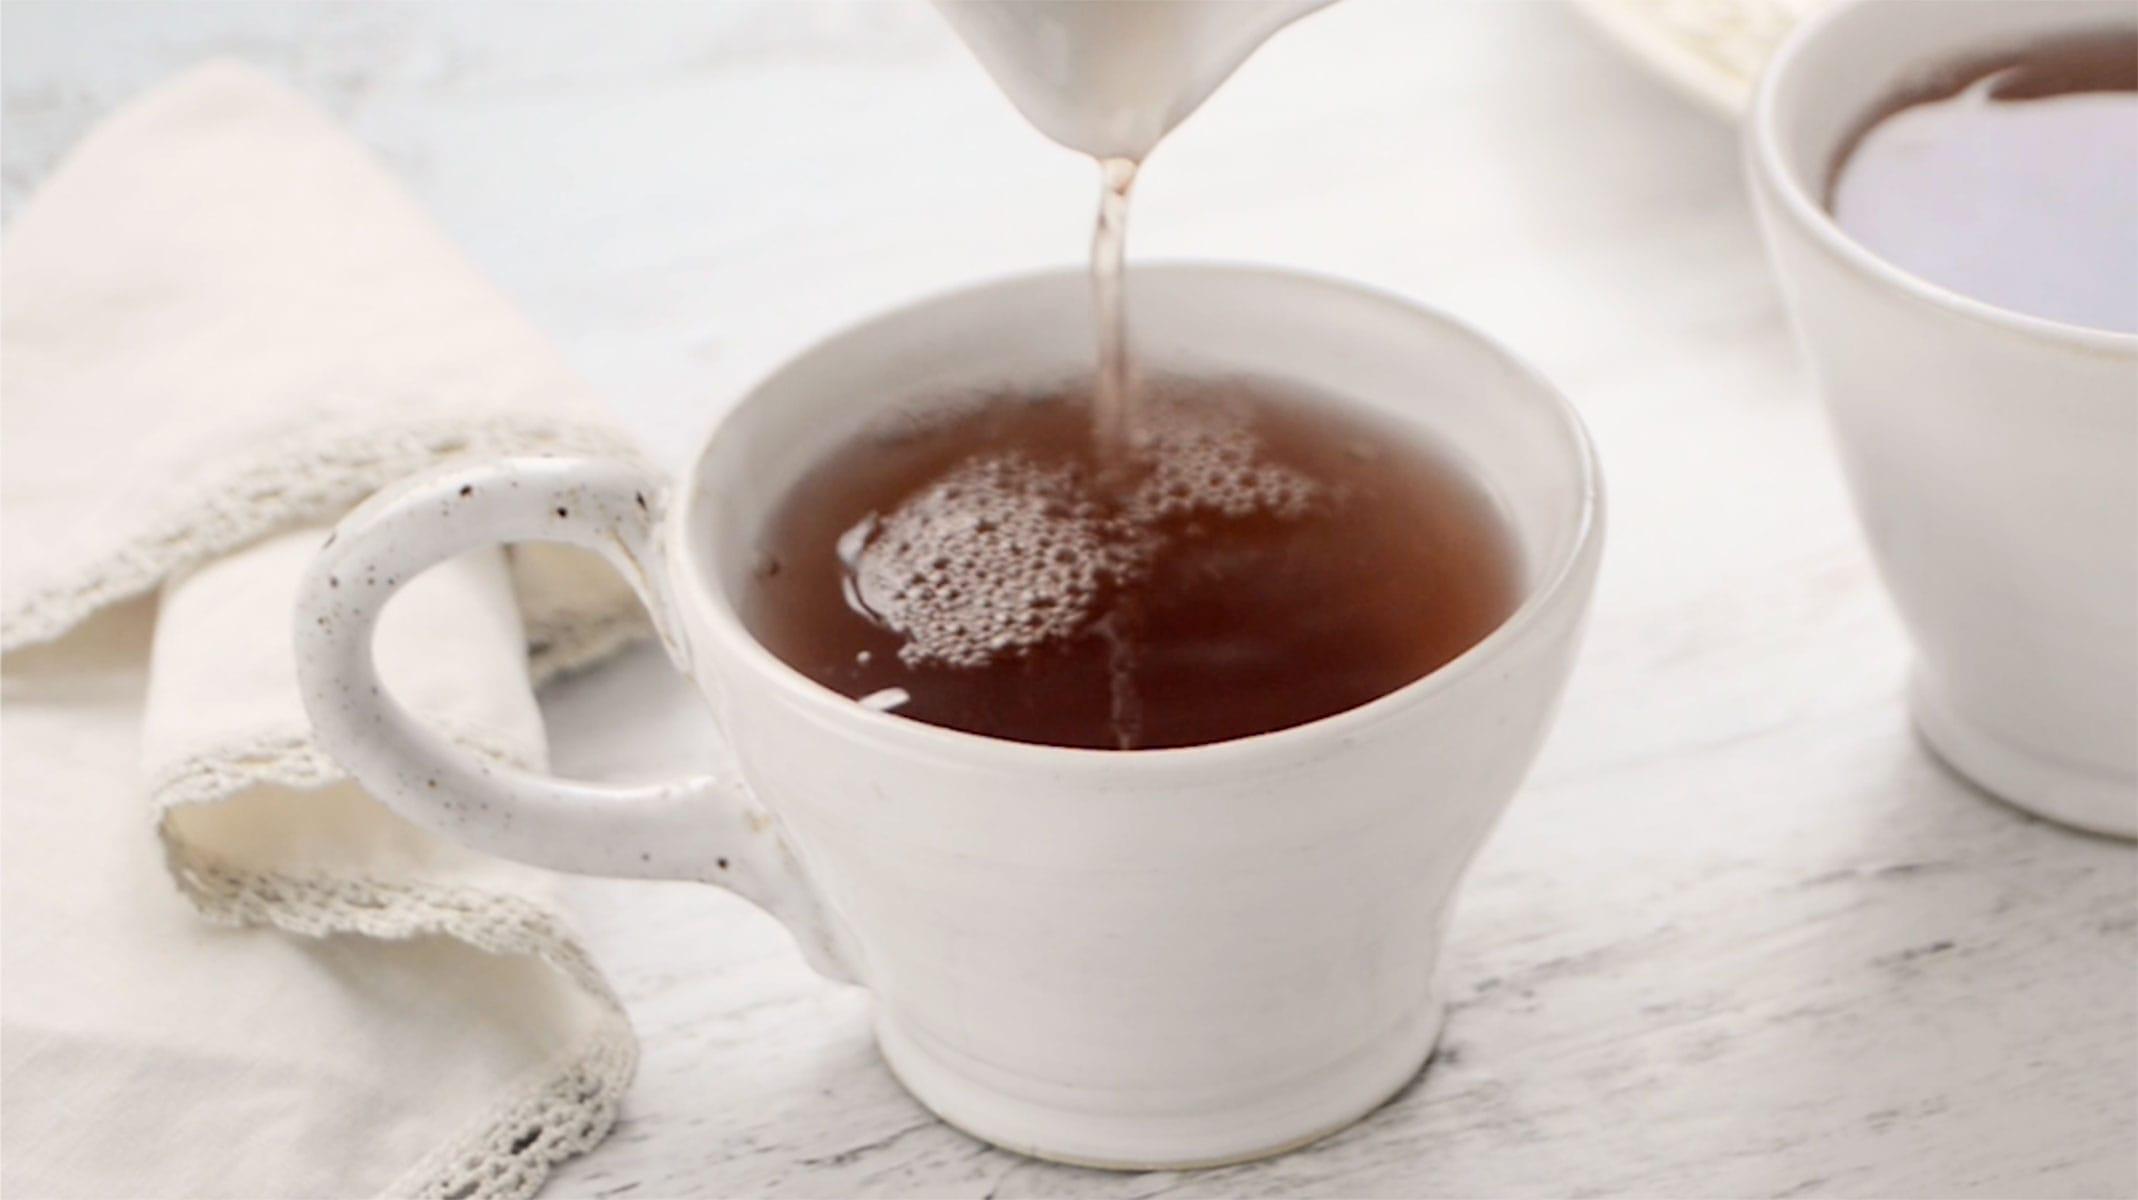 Serving ginger tea